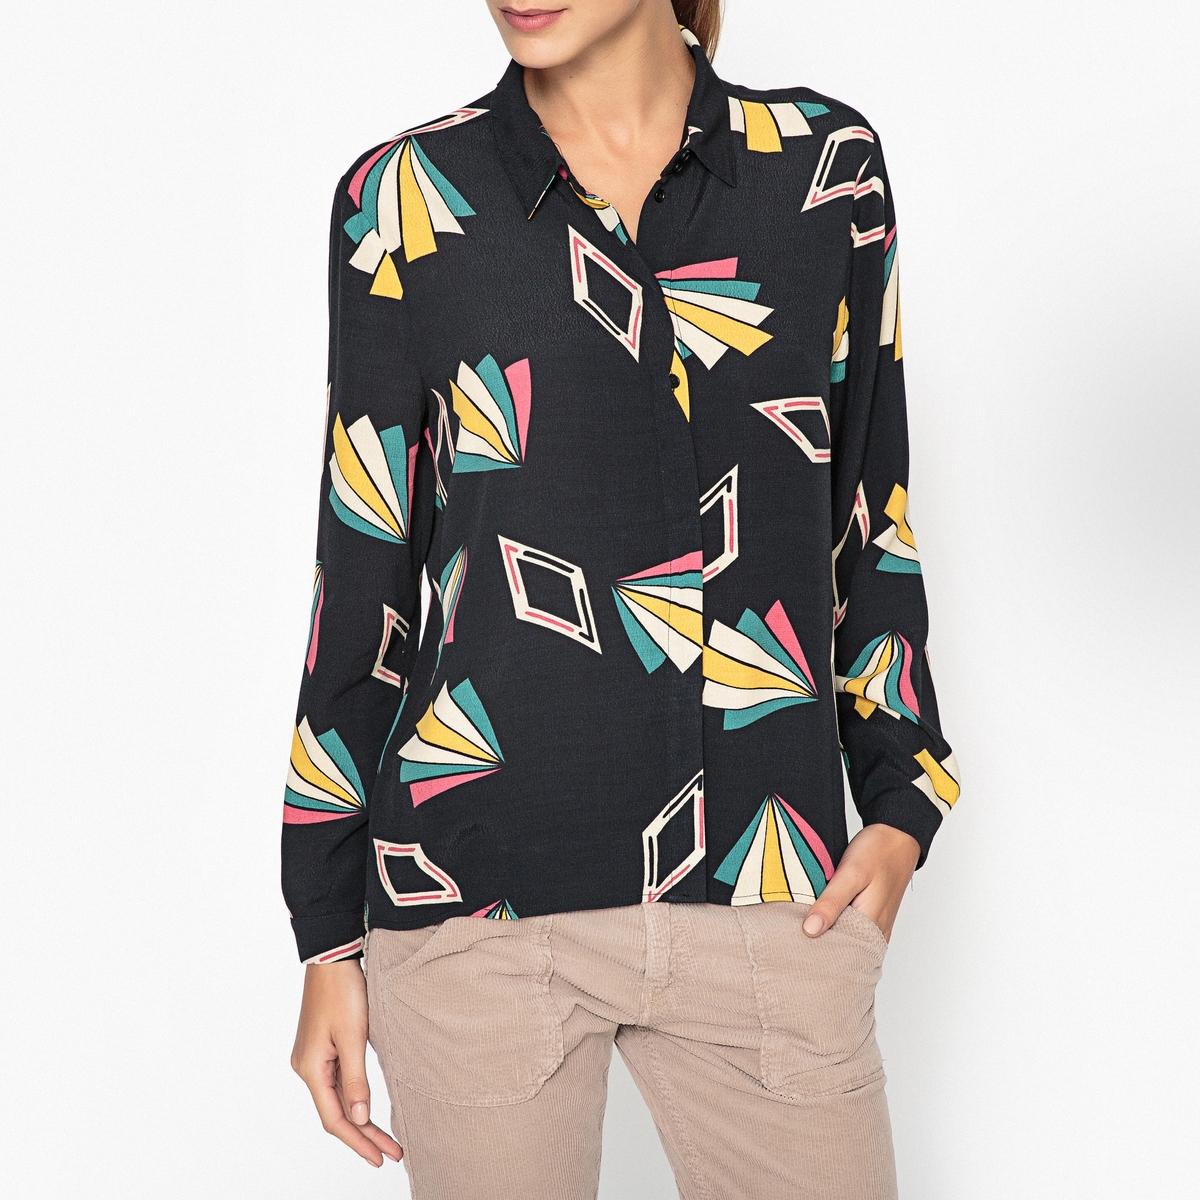 Рубашка с рисунком VOOLОписание:Рубашка с длинными рукавами BA&amp;SH - модель VOOL из вискозы с геометрическим узором и присборенными манжетами.Детали  •  Длинные рукава •  Прямой покрой •  Воротник-поло, рубашечный •  Рисунок-принтСостав и уход  •  100% вискоза •  Следуйте советам по уходу, указанным на этикетке<br><br>Цвет: черный